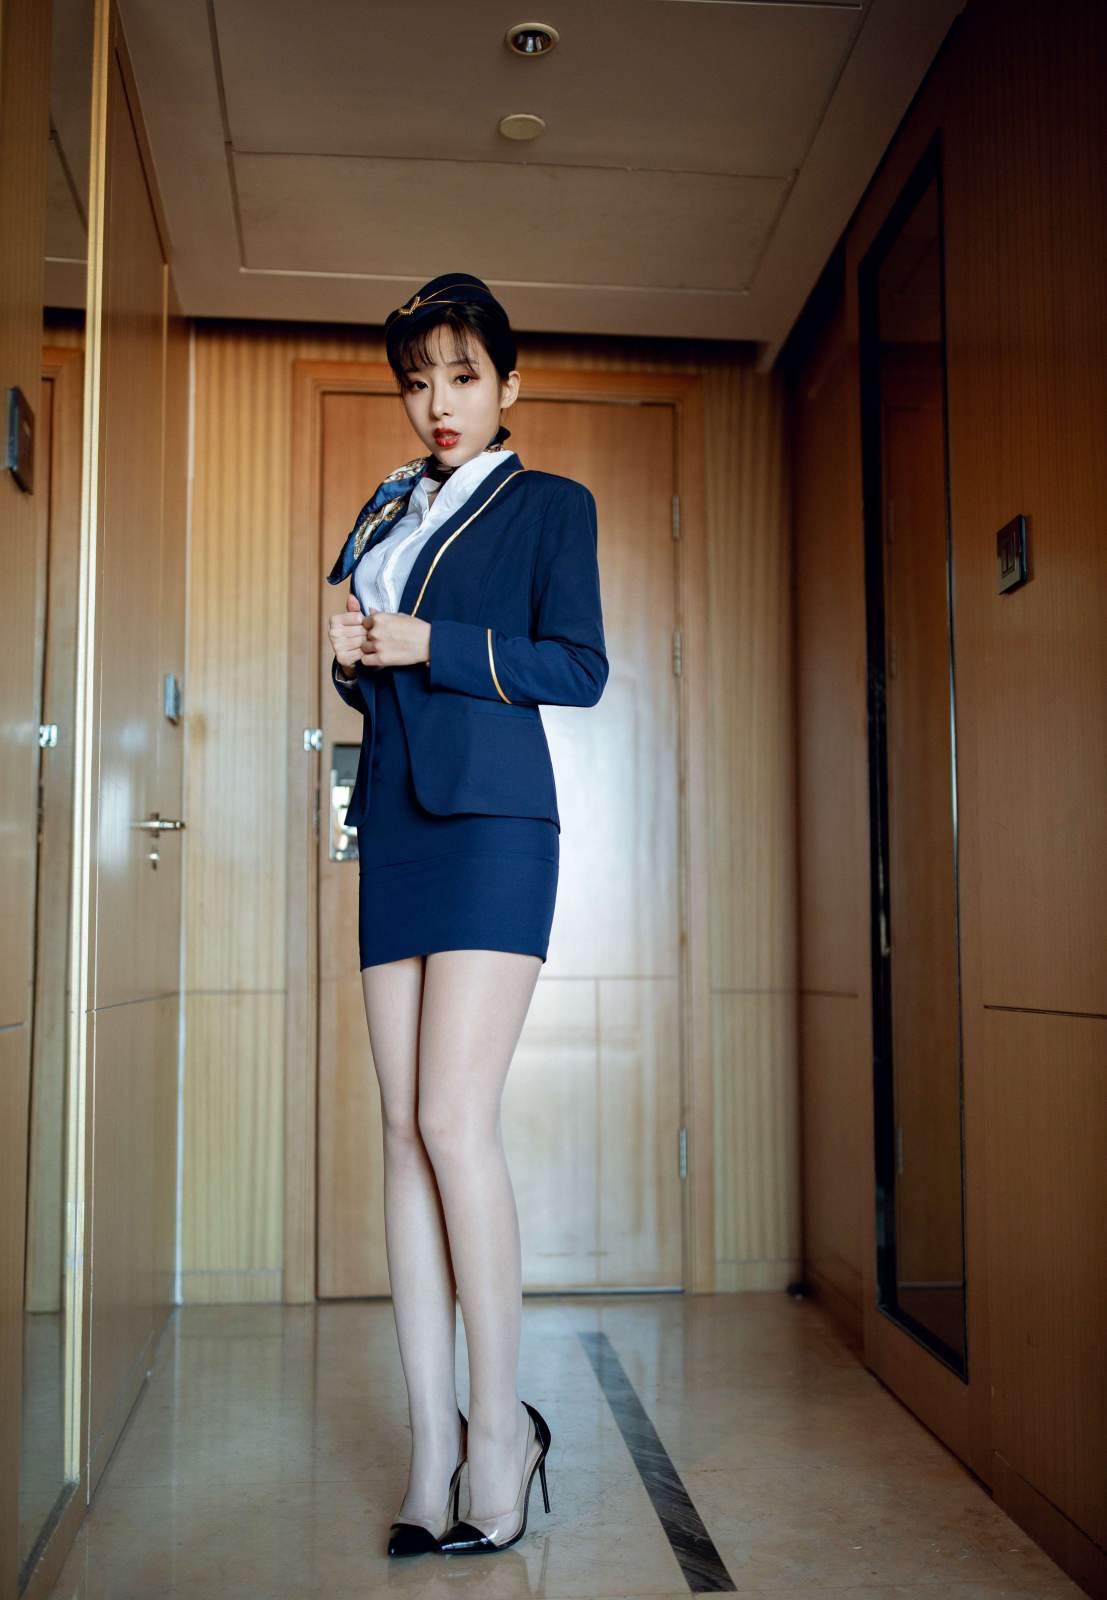 第354期惠质兰心陈小喵(空姐制服,肉丝,高跟,高颜值,美腿)_图片2